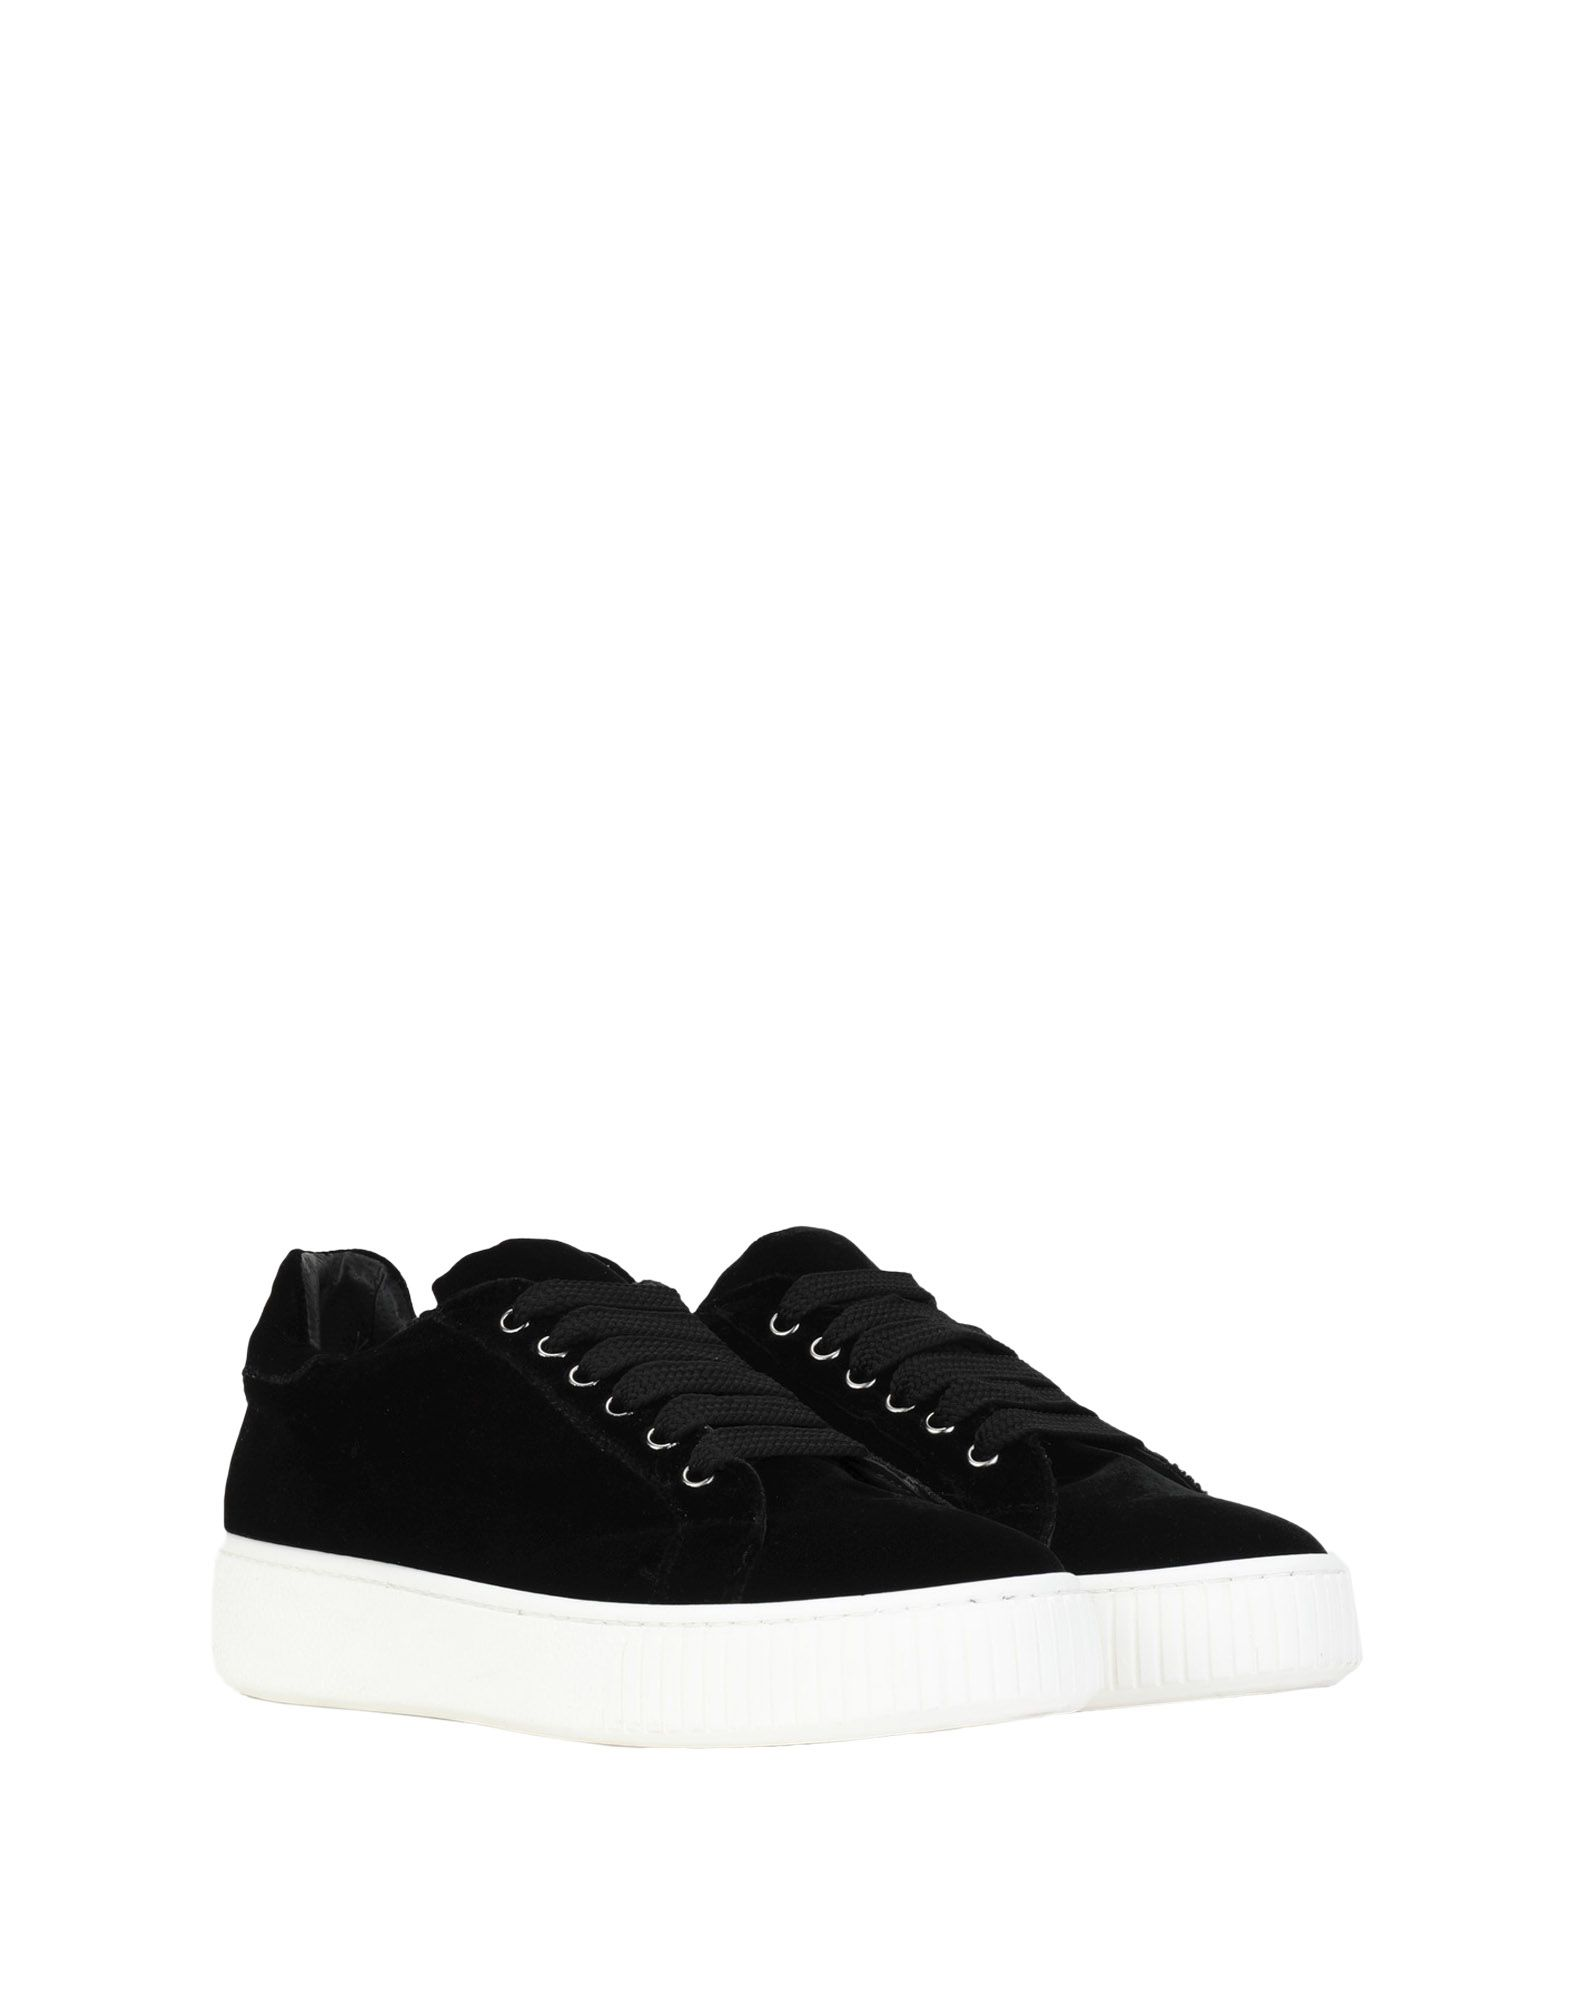 Pierre Darré Gute Sneakers Damen  11521488LA Gute Darré Qualität beliebte Schuhe 56c9fc